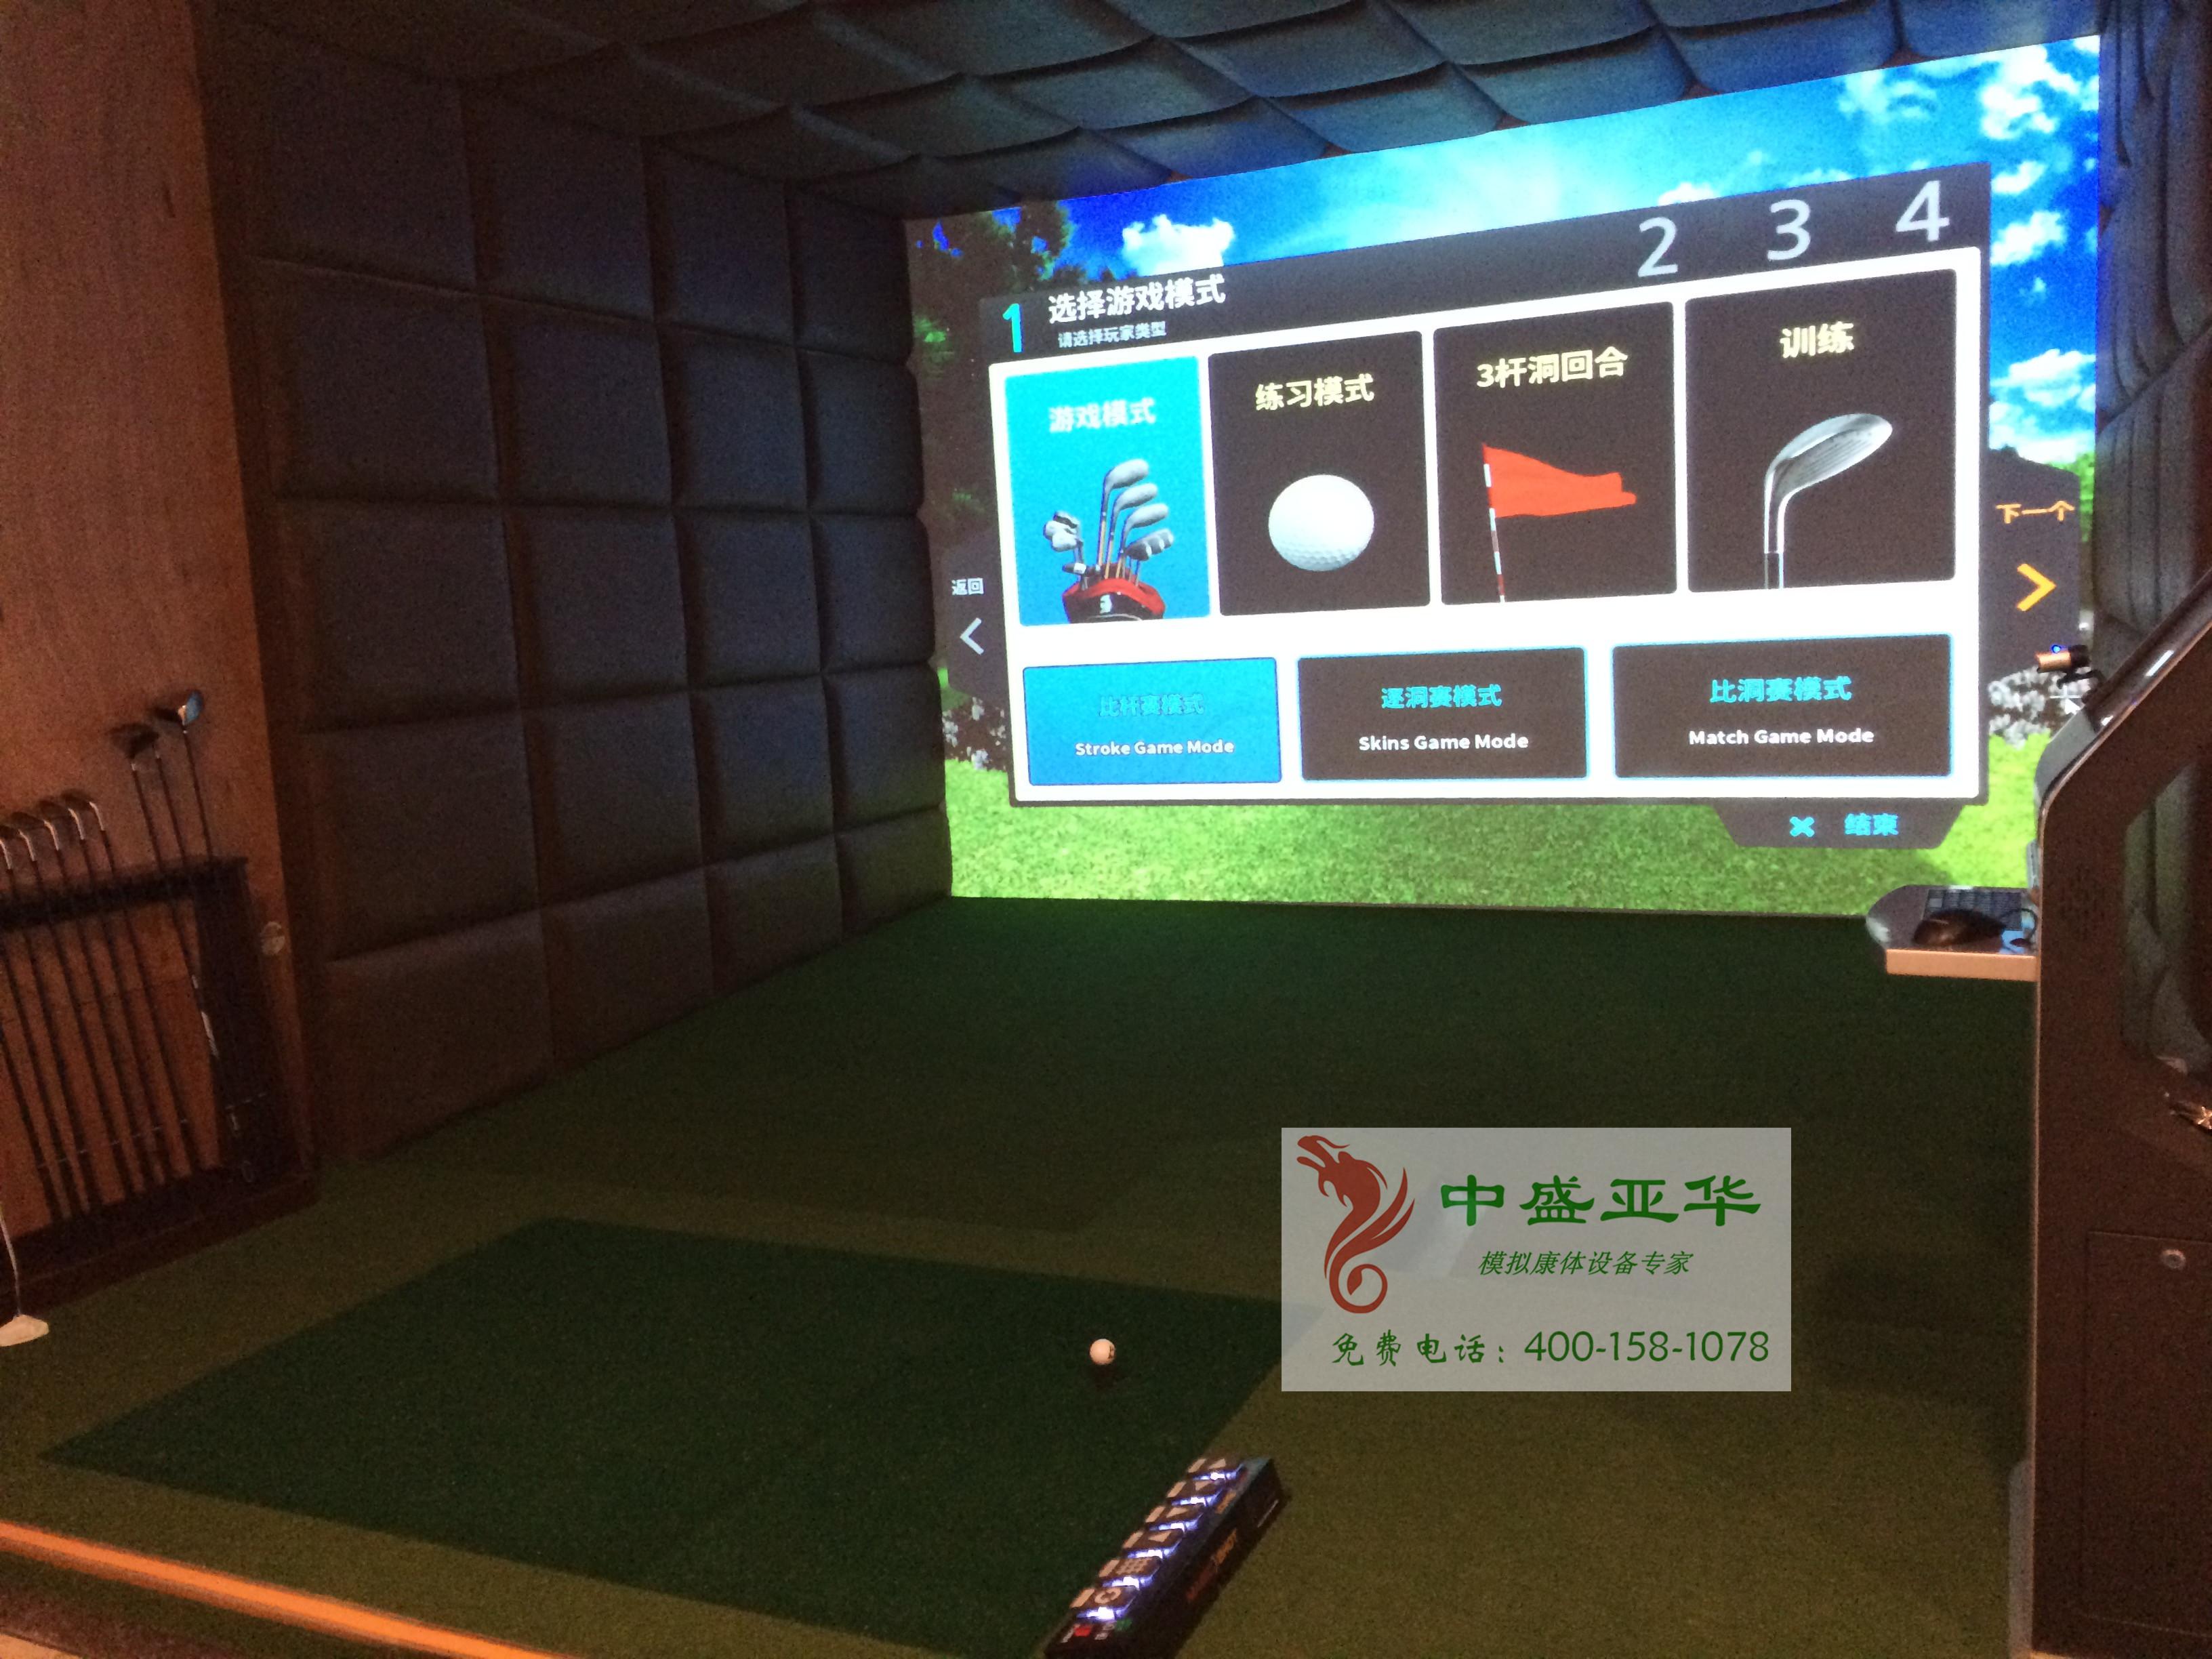 喜报:青岛某会所室内模拟高尔夫验收使用